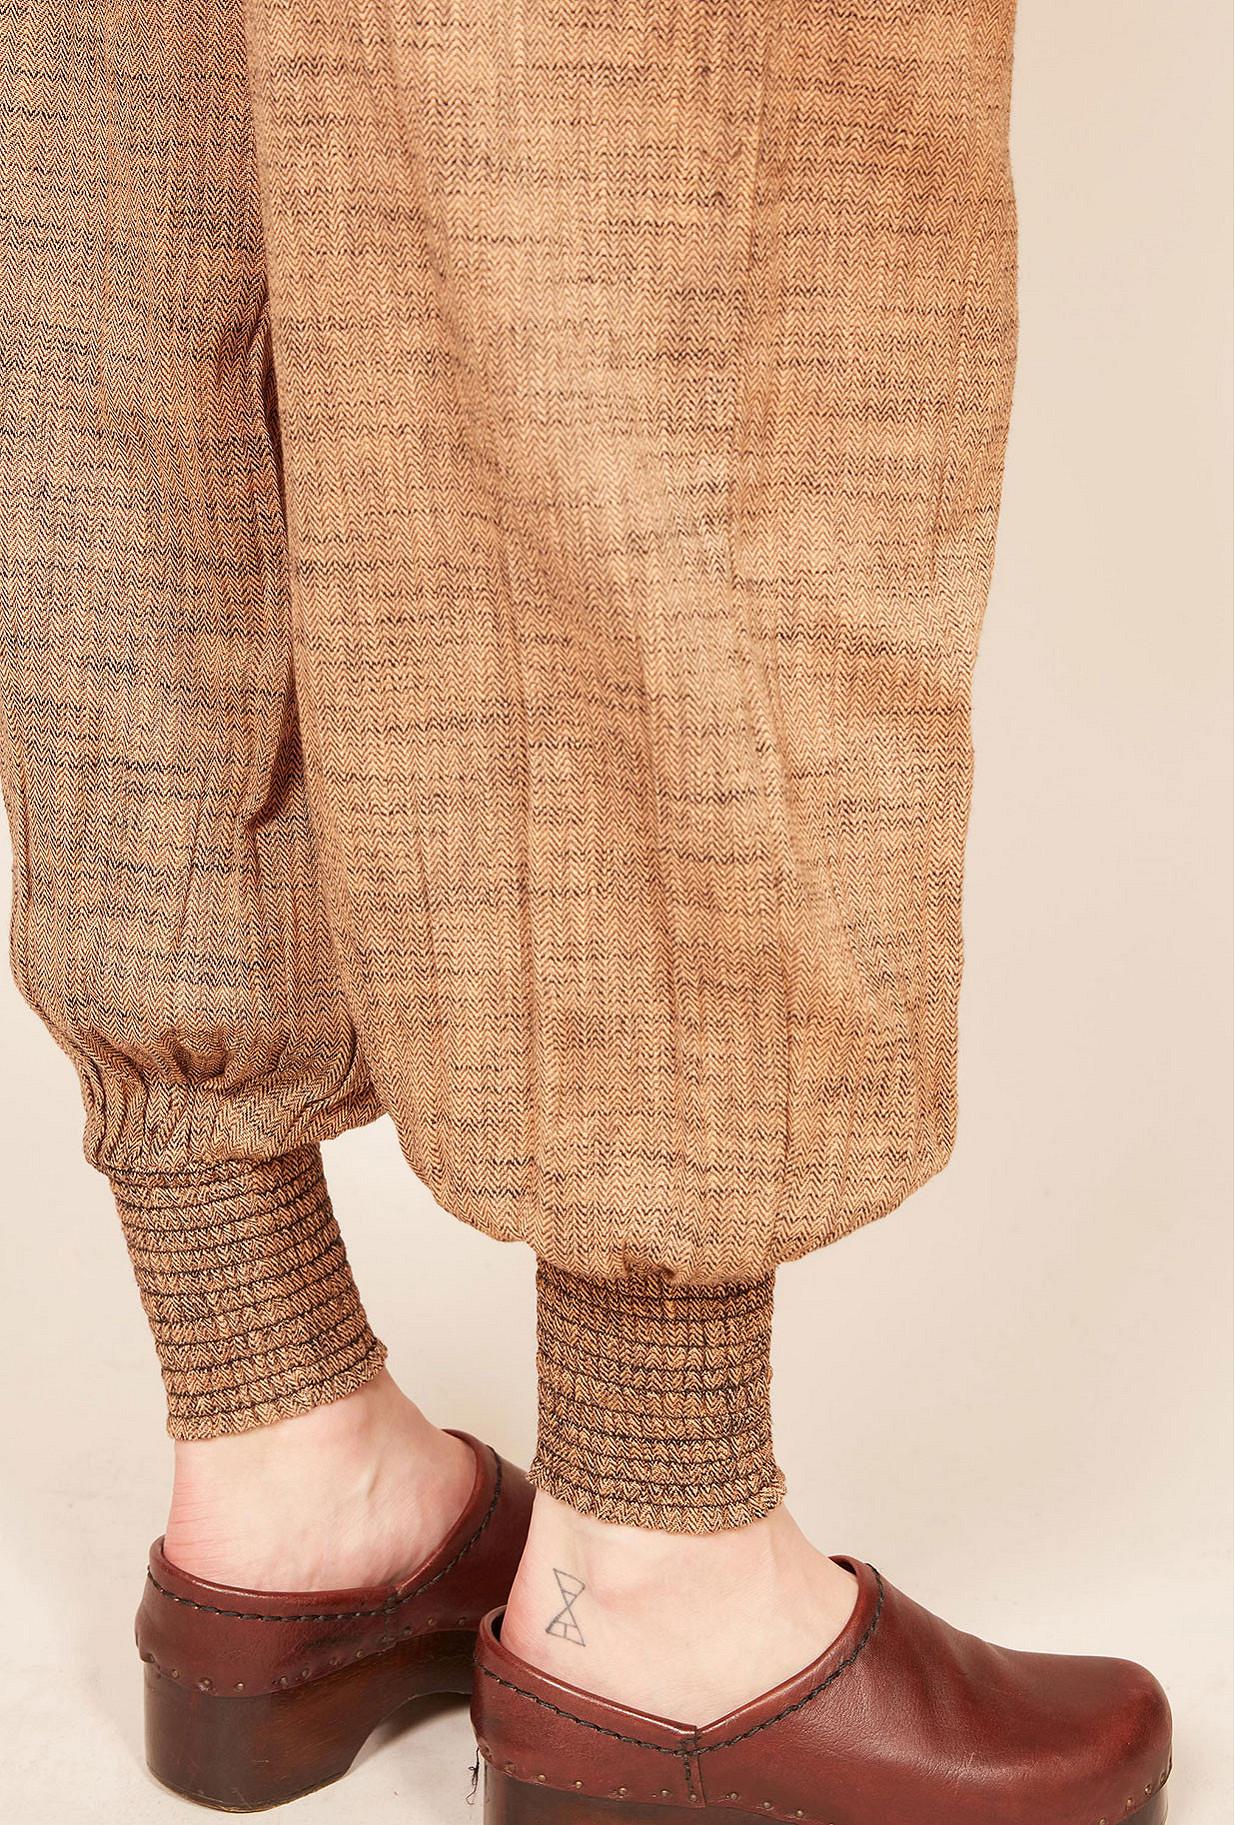 Paris boutique de mode vêtement Pantalon créateur bohème  Bogu